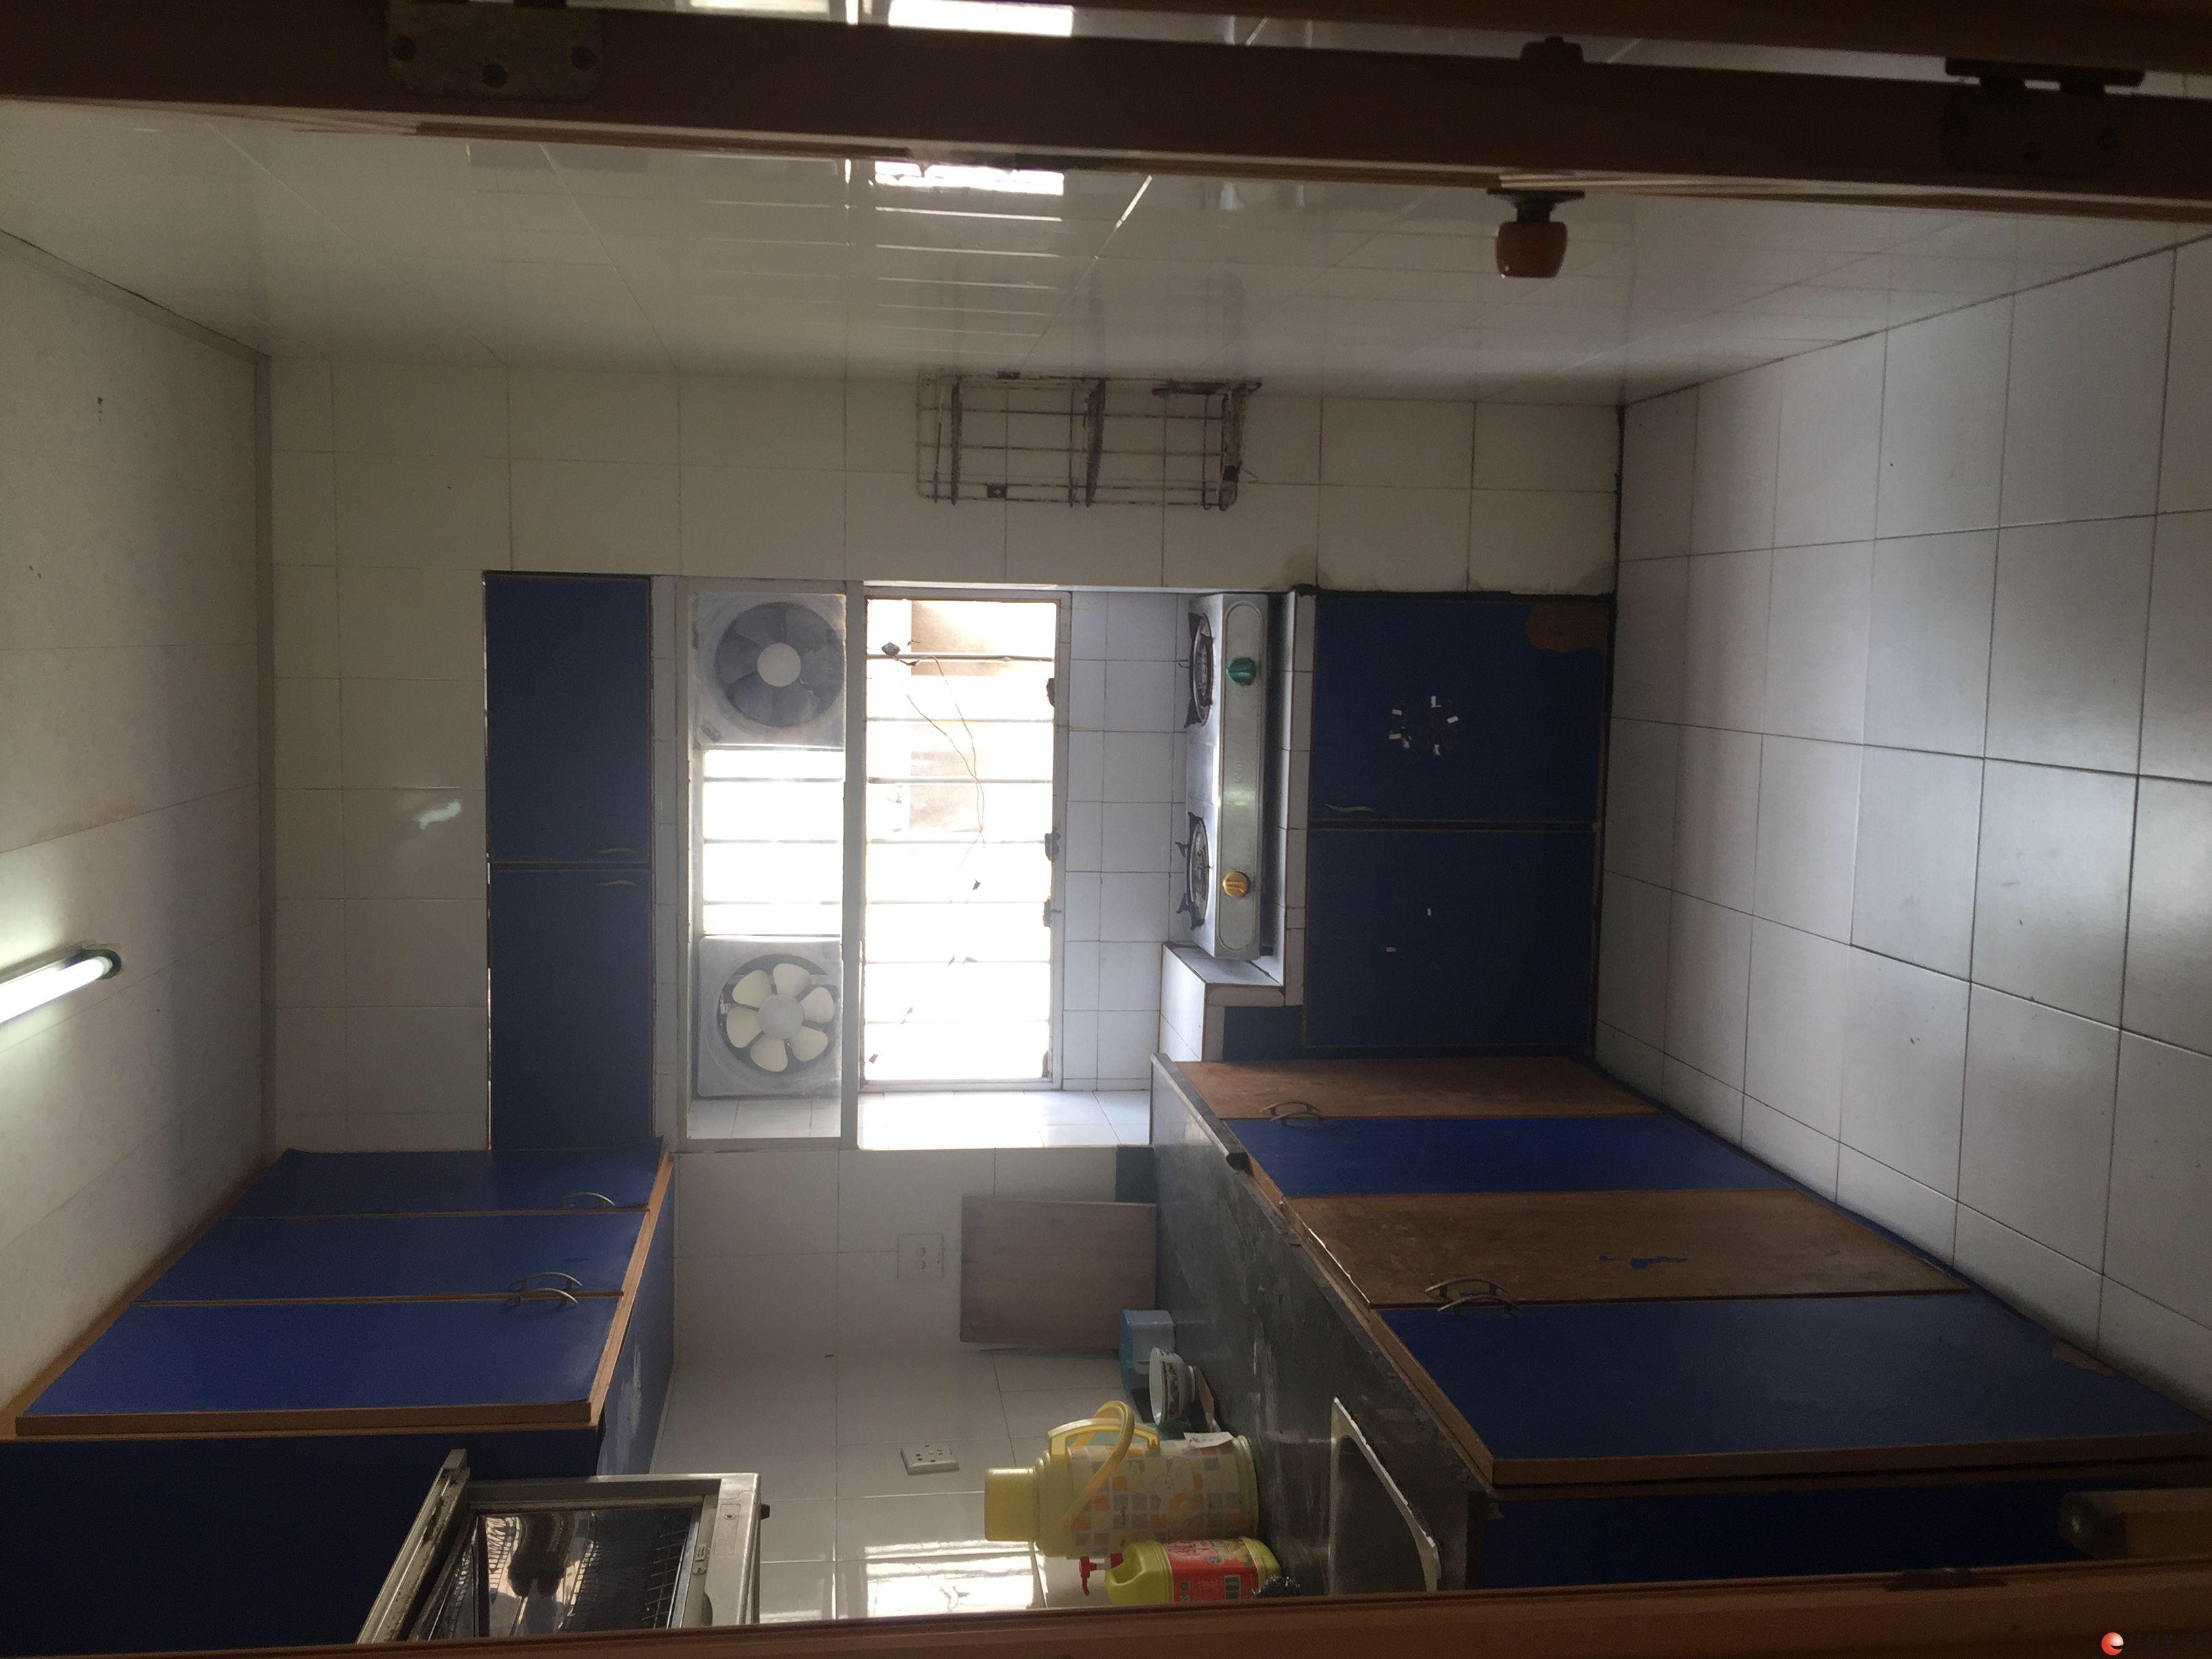 漓江边观音阁2房2厅拎包入住舒适大二房仅1000元每月